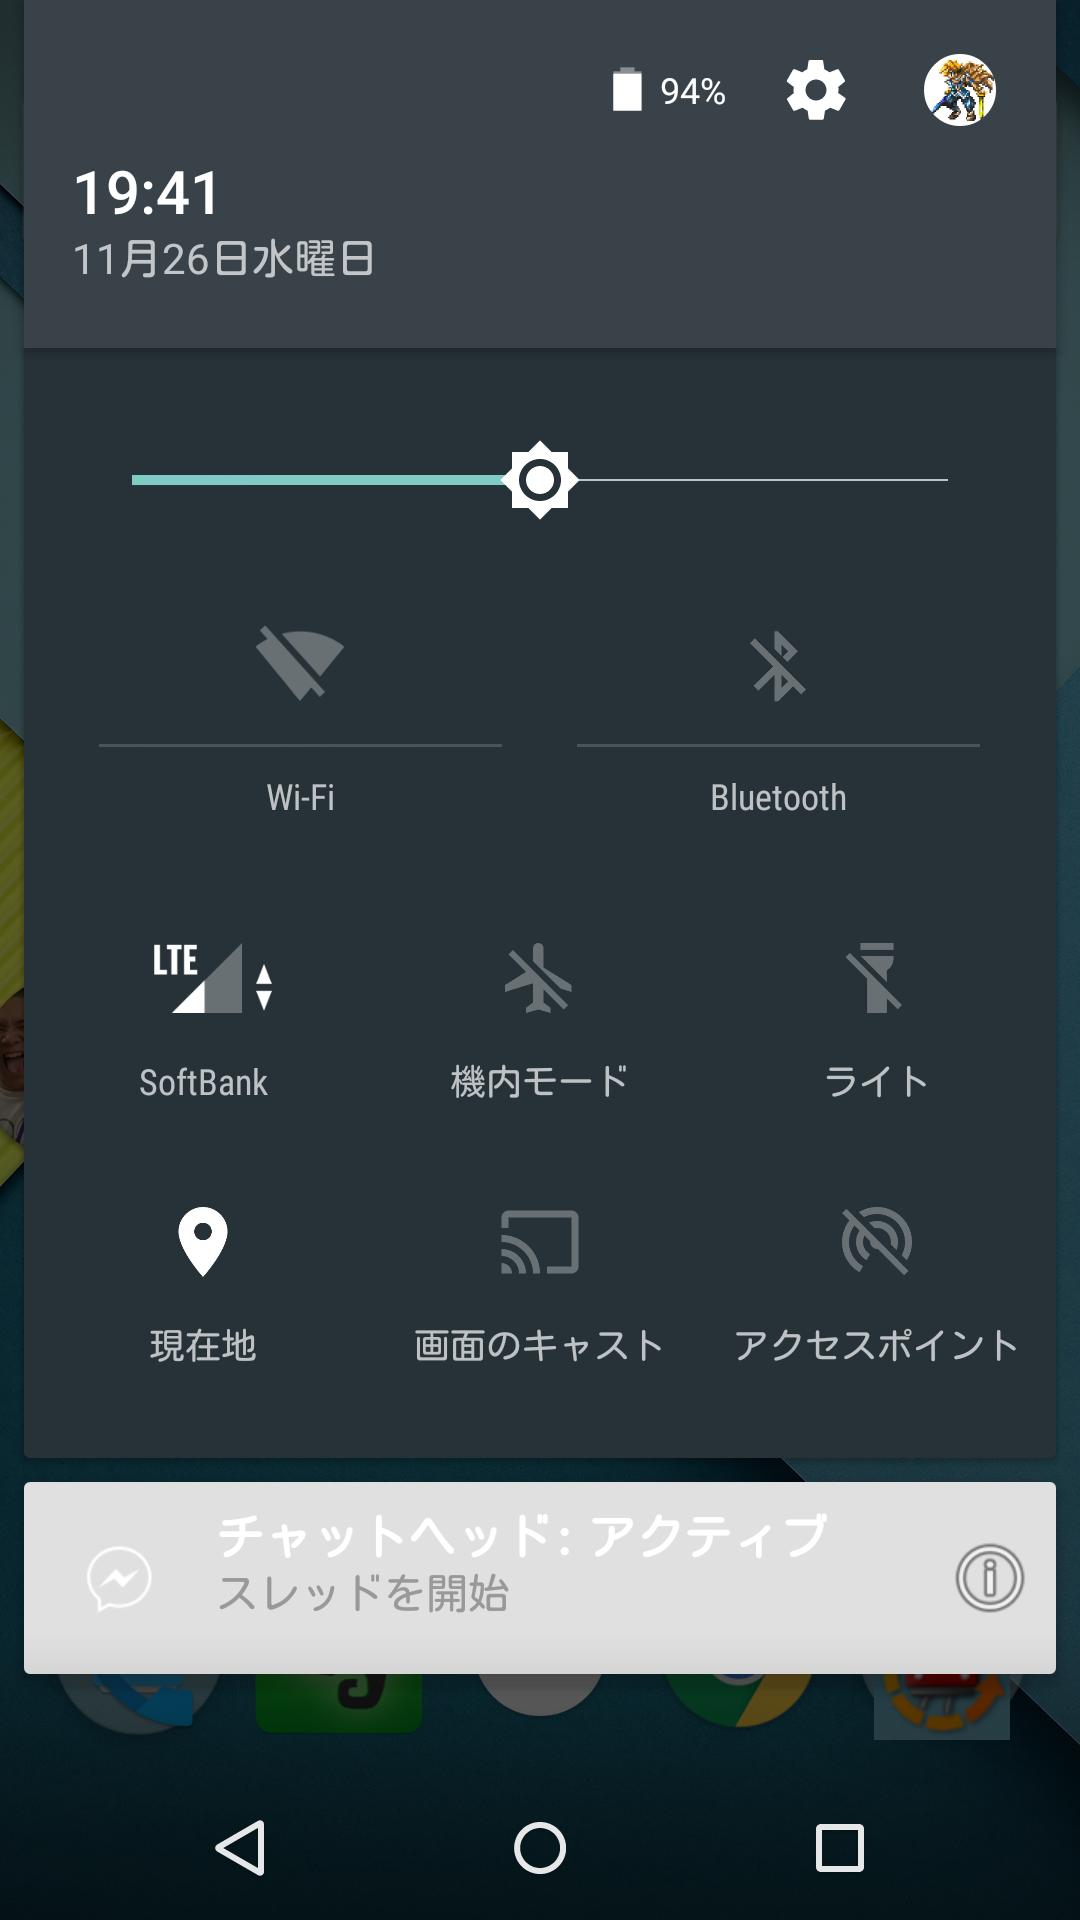 なんで設定そんなところにあるの…Android 5.0 Lolipopにアップデートしたら消えた画面の自動回転アイコンの謎